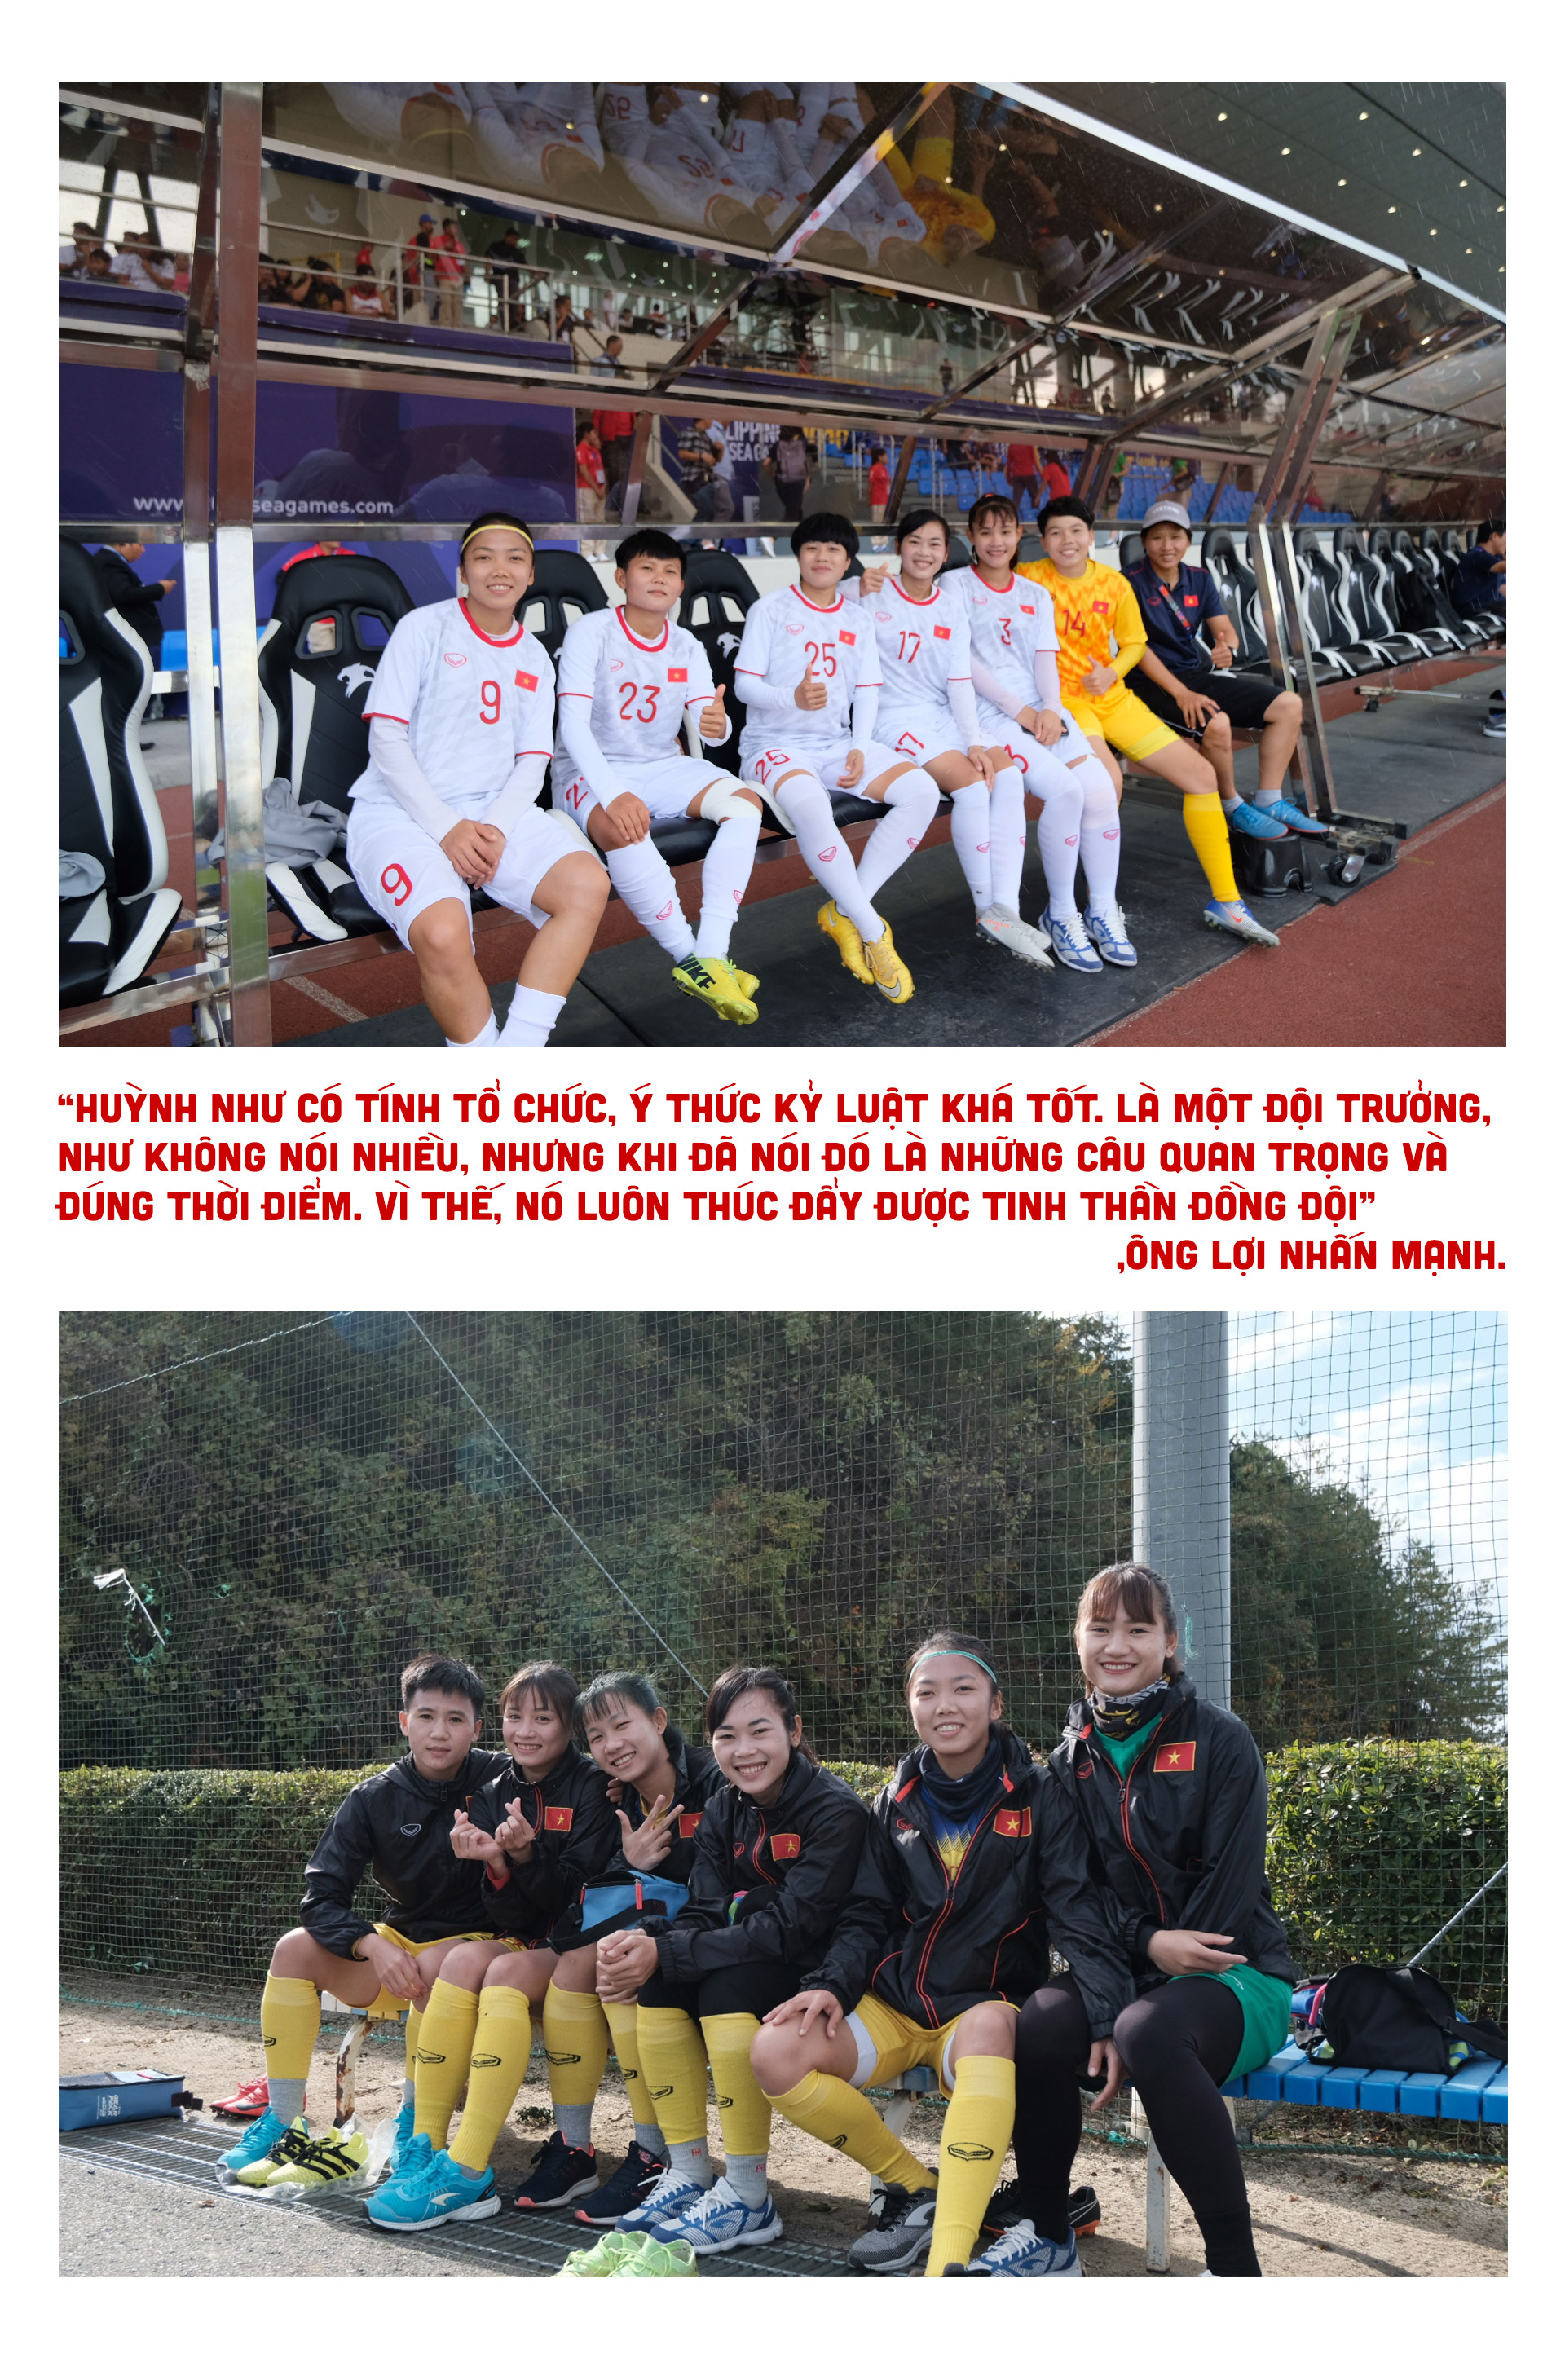 Nữ cầu thủ Huỳnh Như: Bóng đá là tình yêu của tôi - ảnh 6